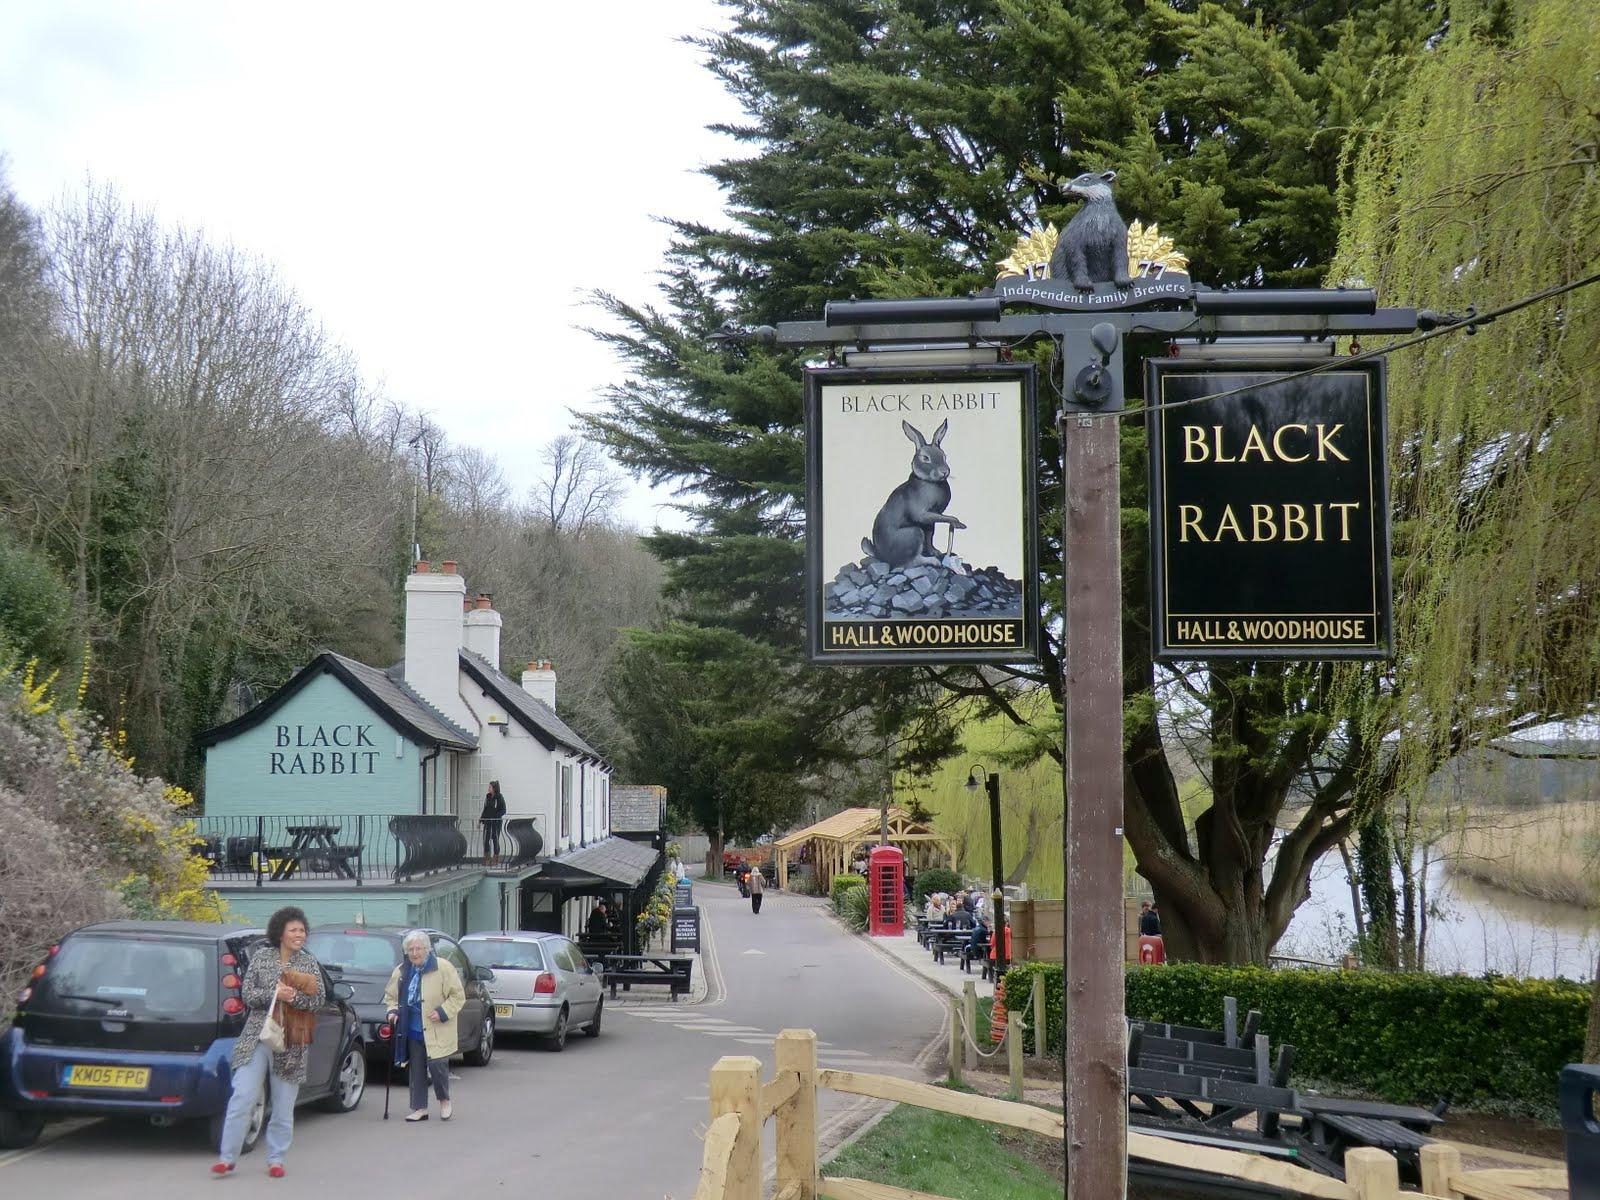 CIMG7452 The Black Rabbit, Offham